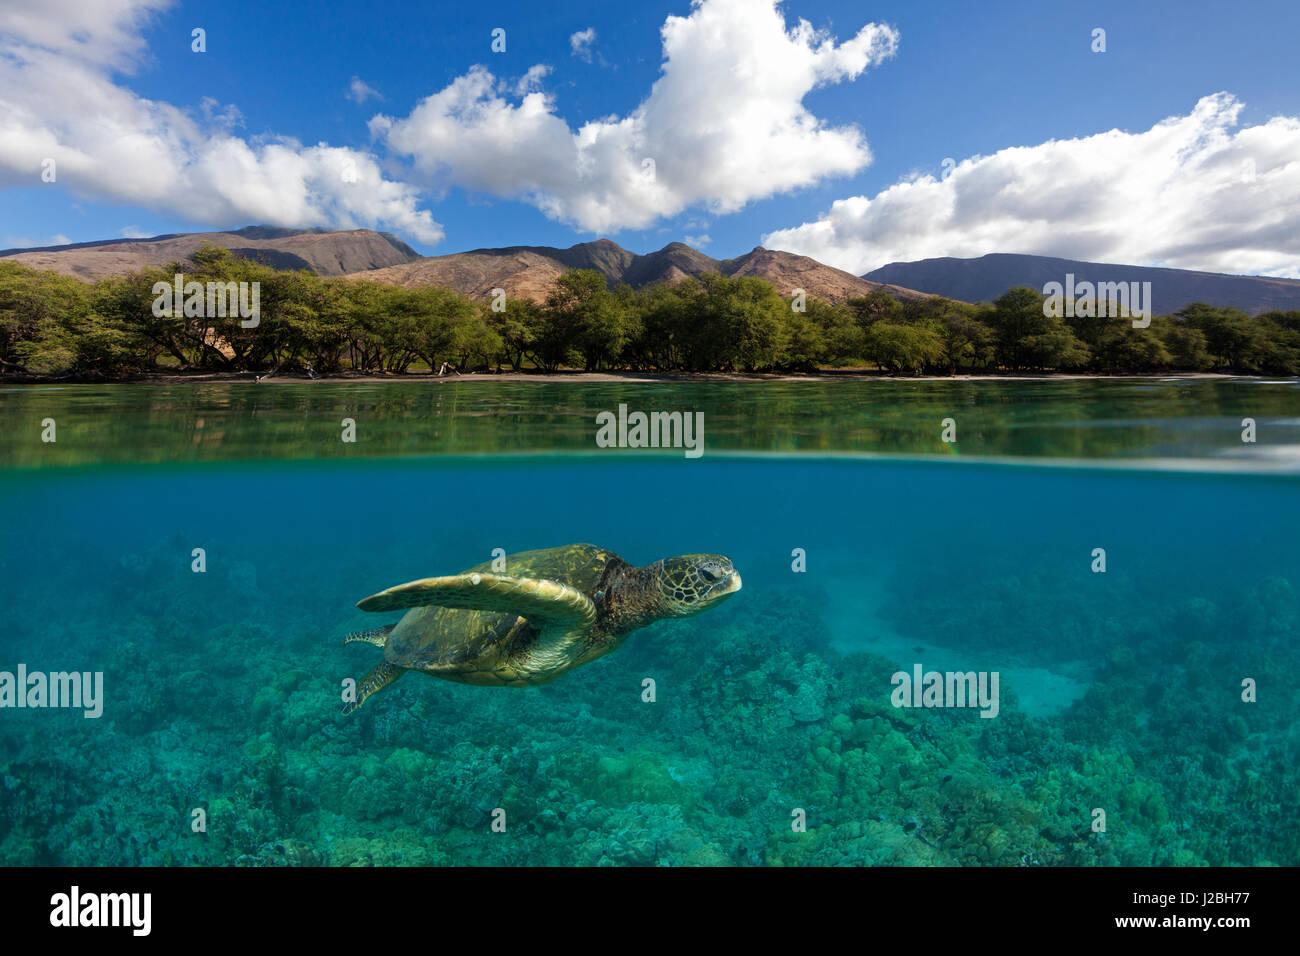 Tortuga de mar verde nadando a lo largo de arrecifes en Olowalu, Maui con las montañas del oeste de Maui en la distancia. Foto de stock